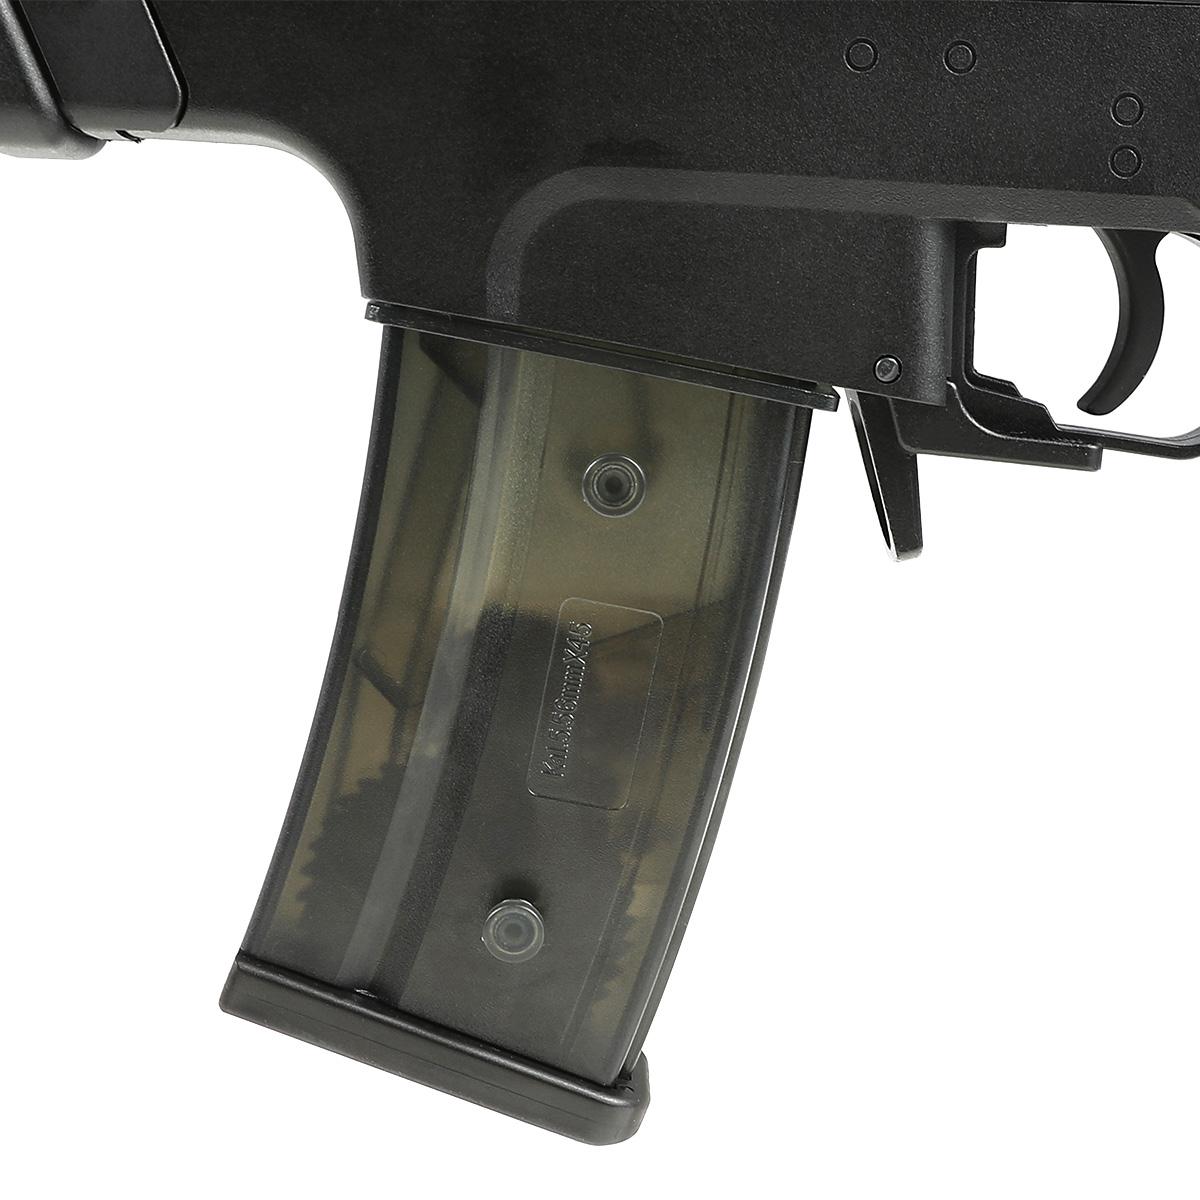 【同梱不可】 SRC H&K XM8 フルサイズ電動ガン NV Black (JP Ver.) 【配送業者:佐川急便限定】